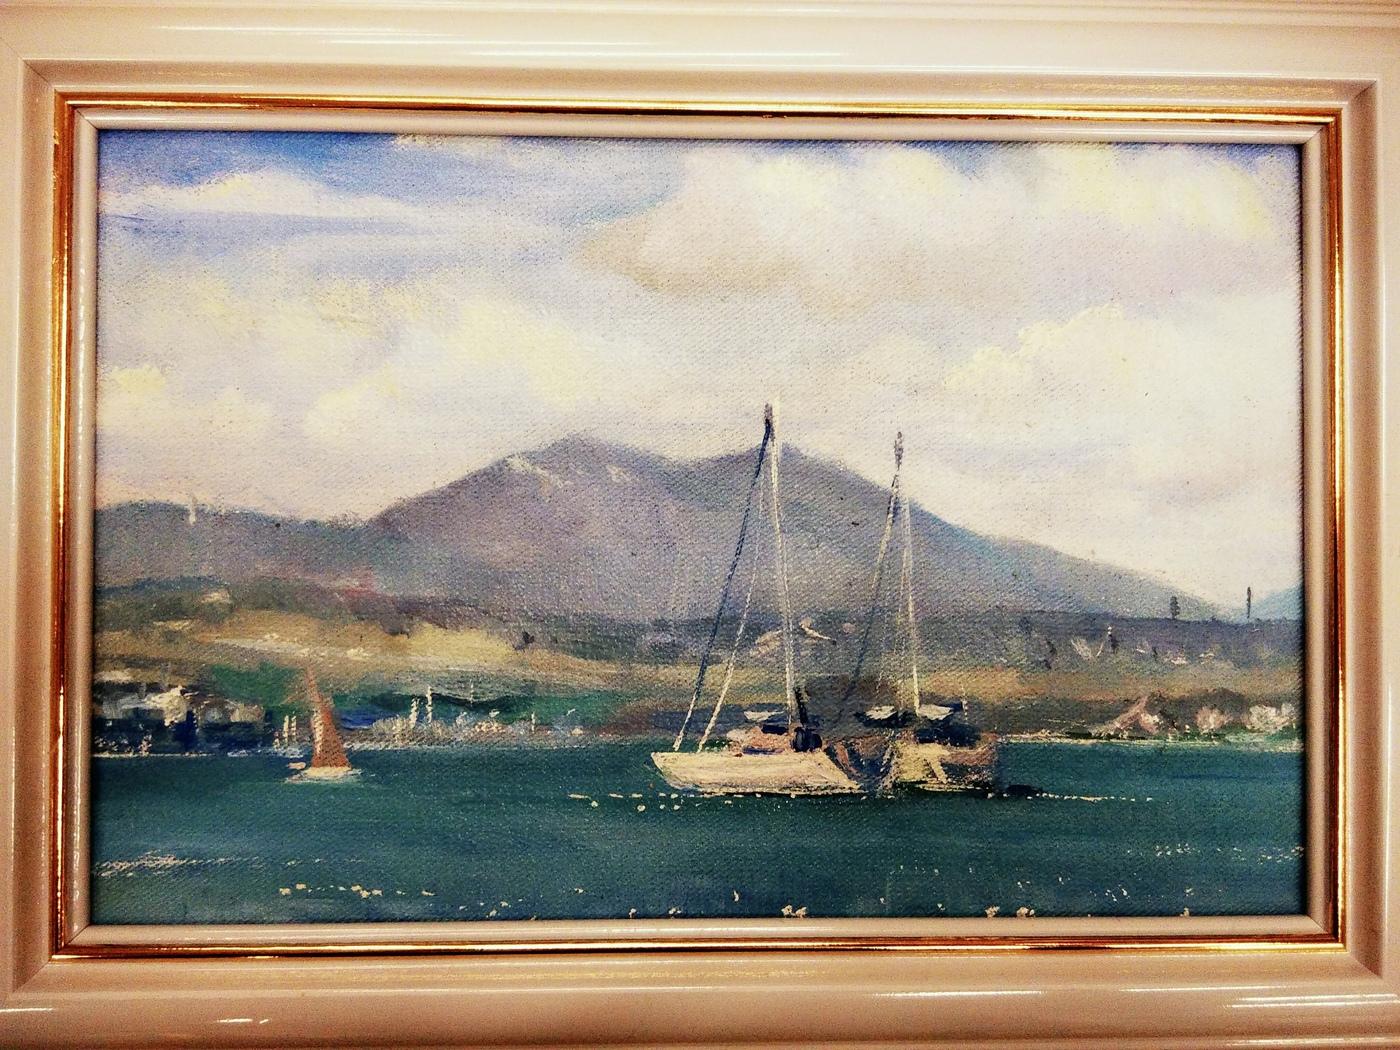 Картина маслом Геленджик Остроумова картина маслом петропавловка клеверов